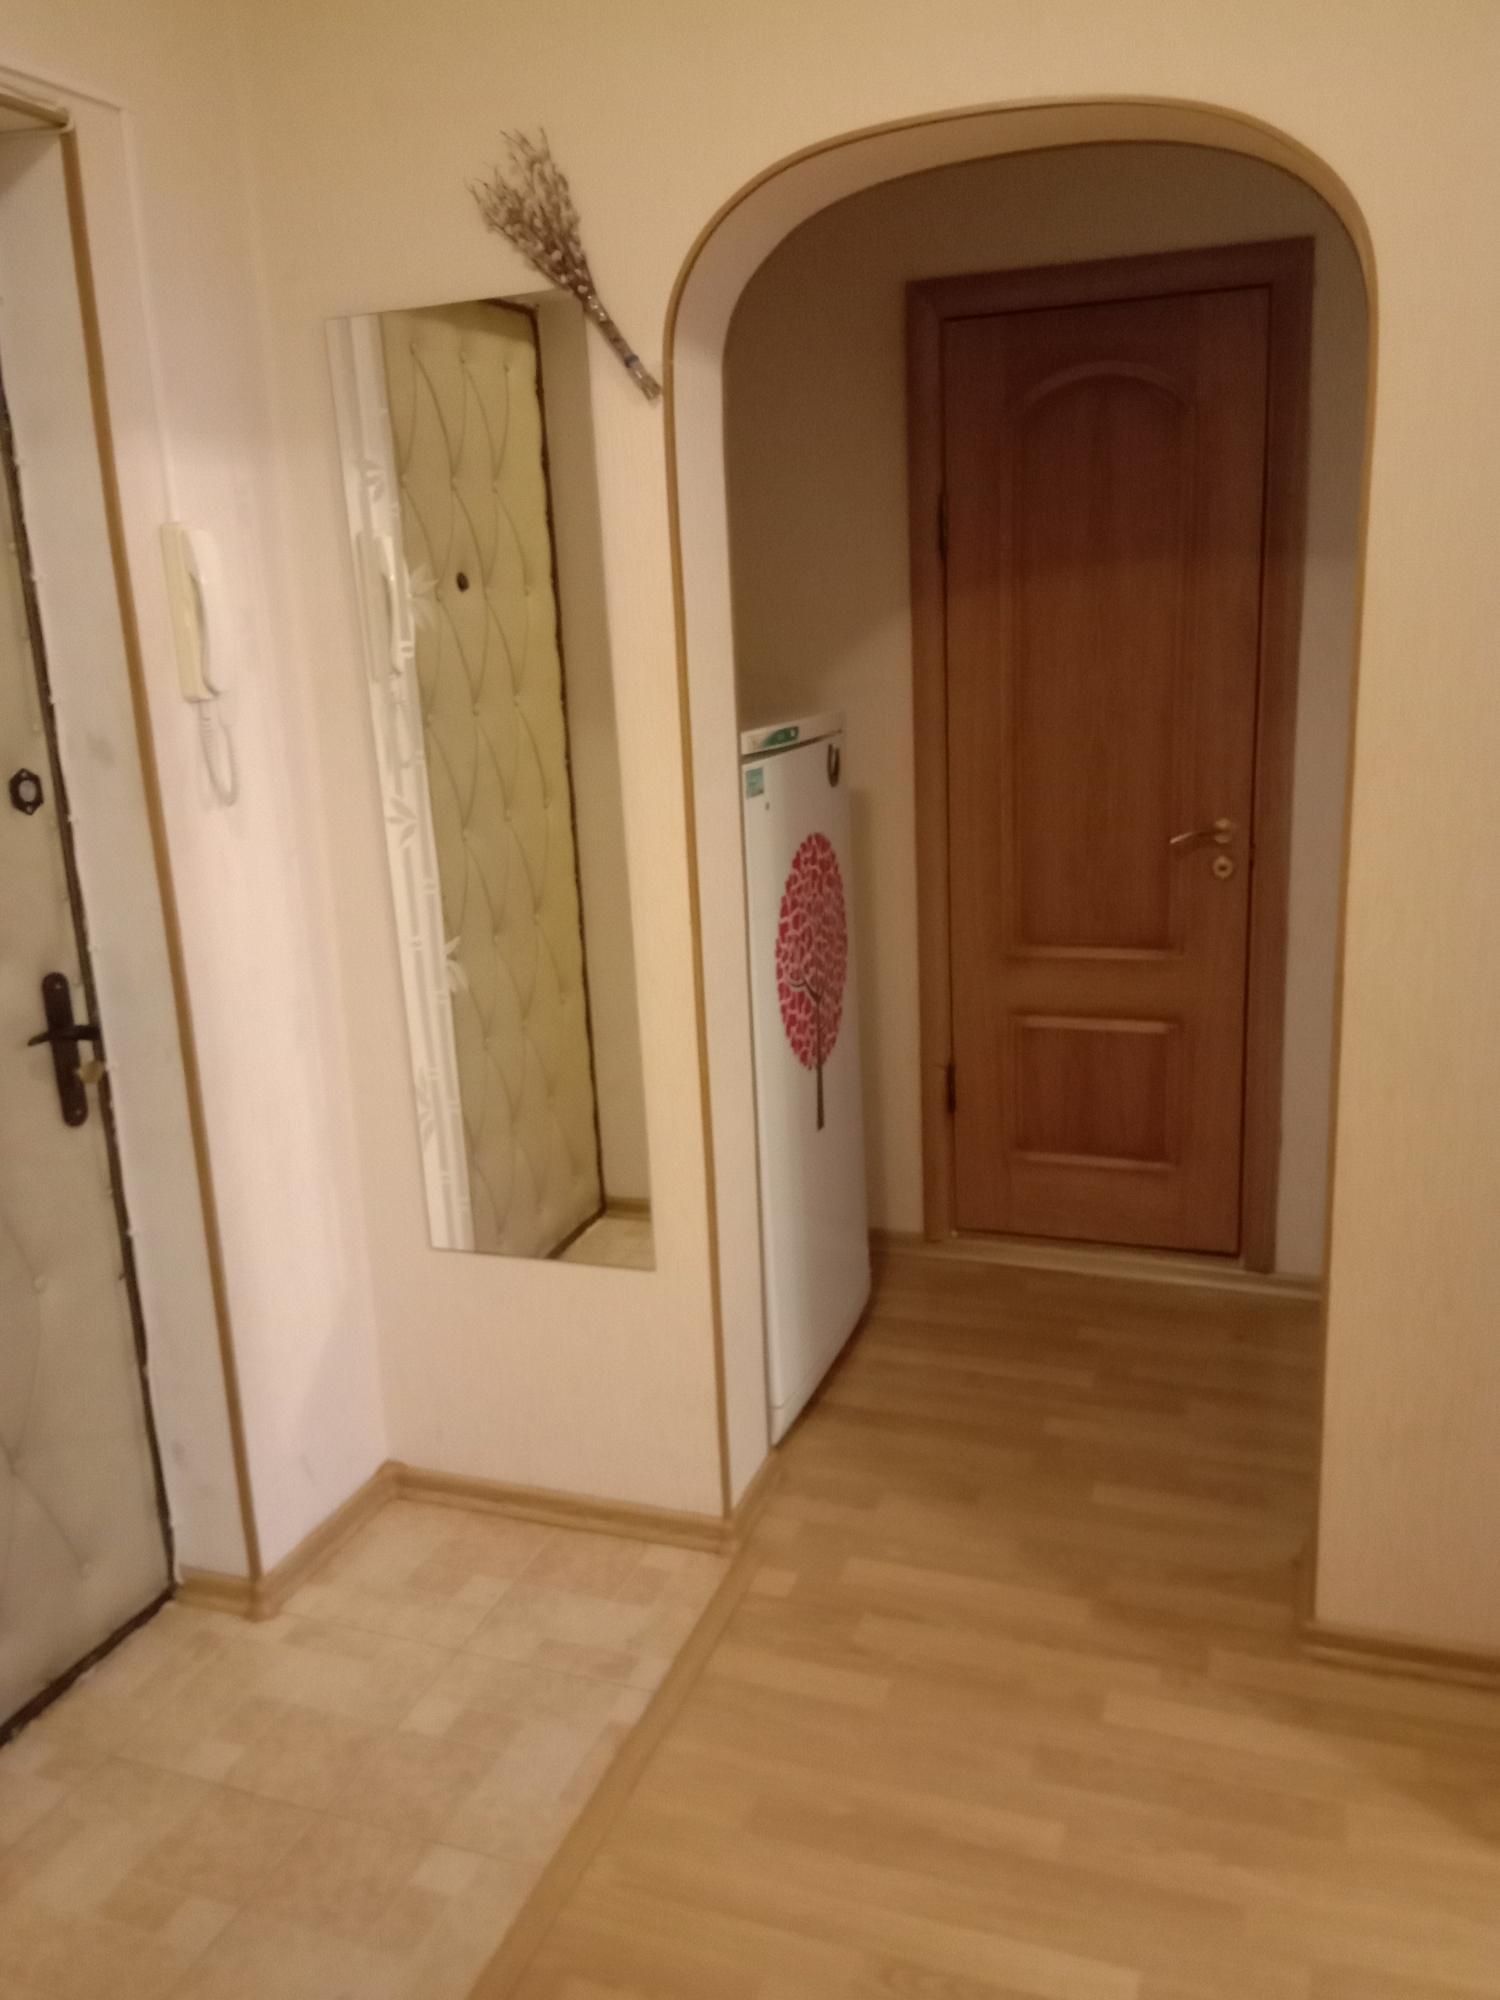 Квартира, 1 комната, 43.2 м² в Балашихе 89258773124 купить 1